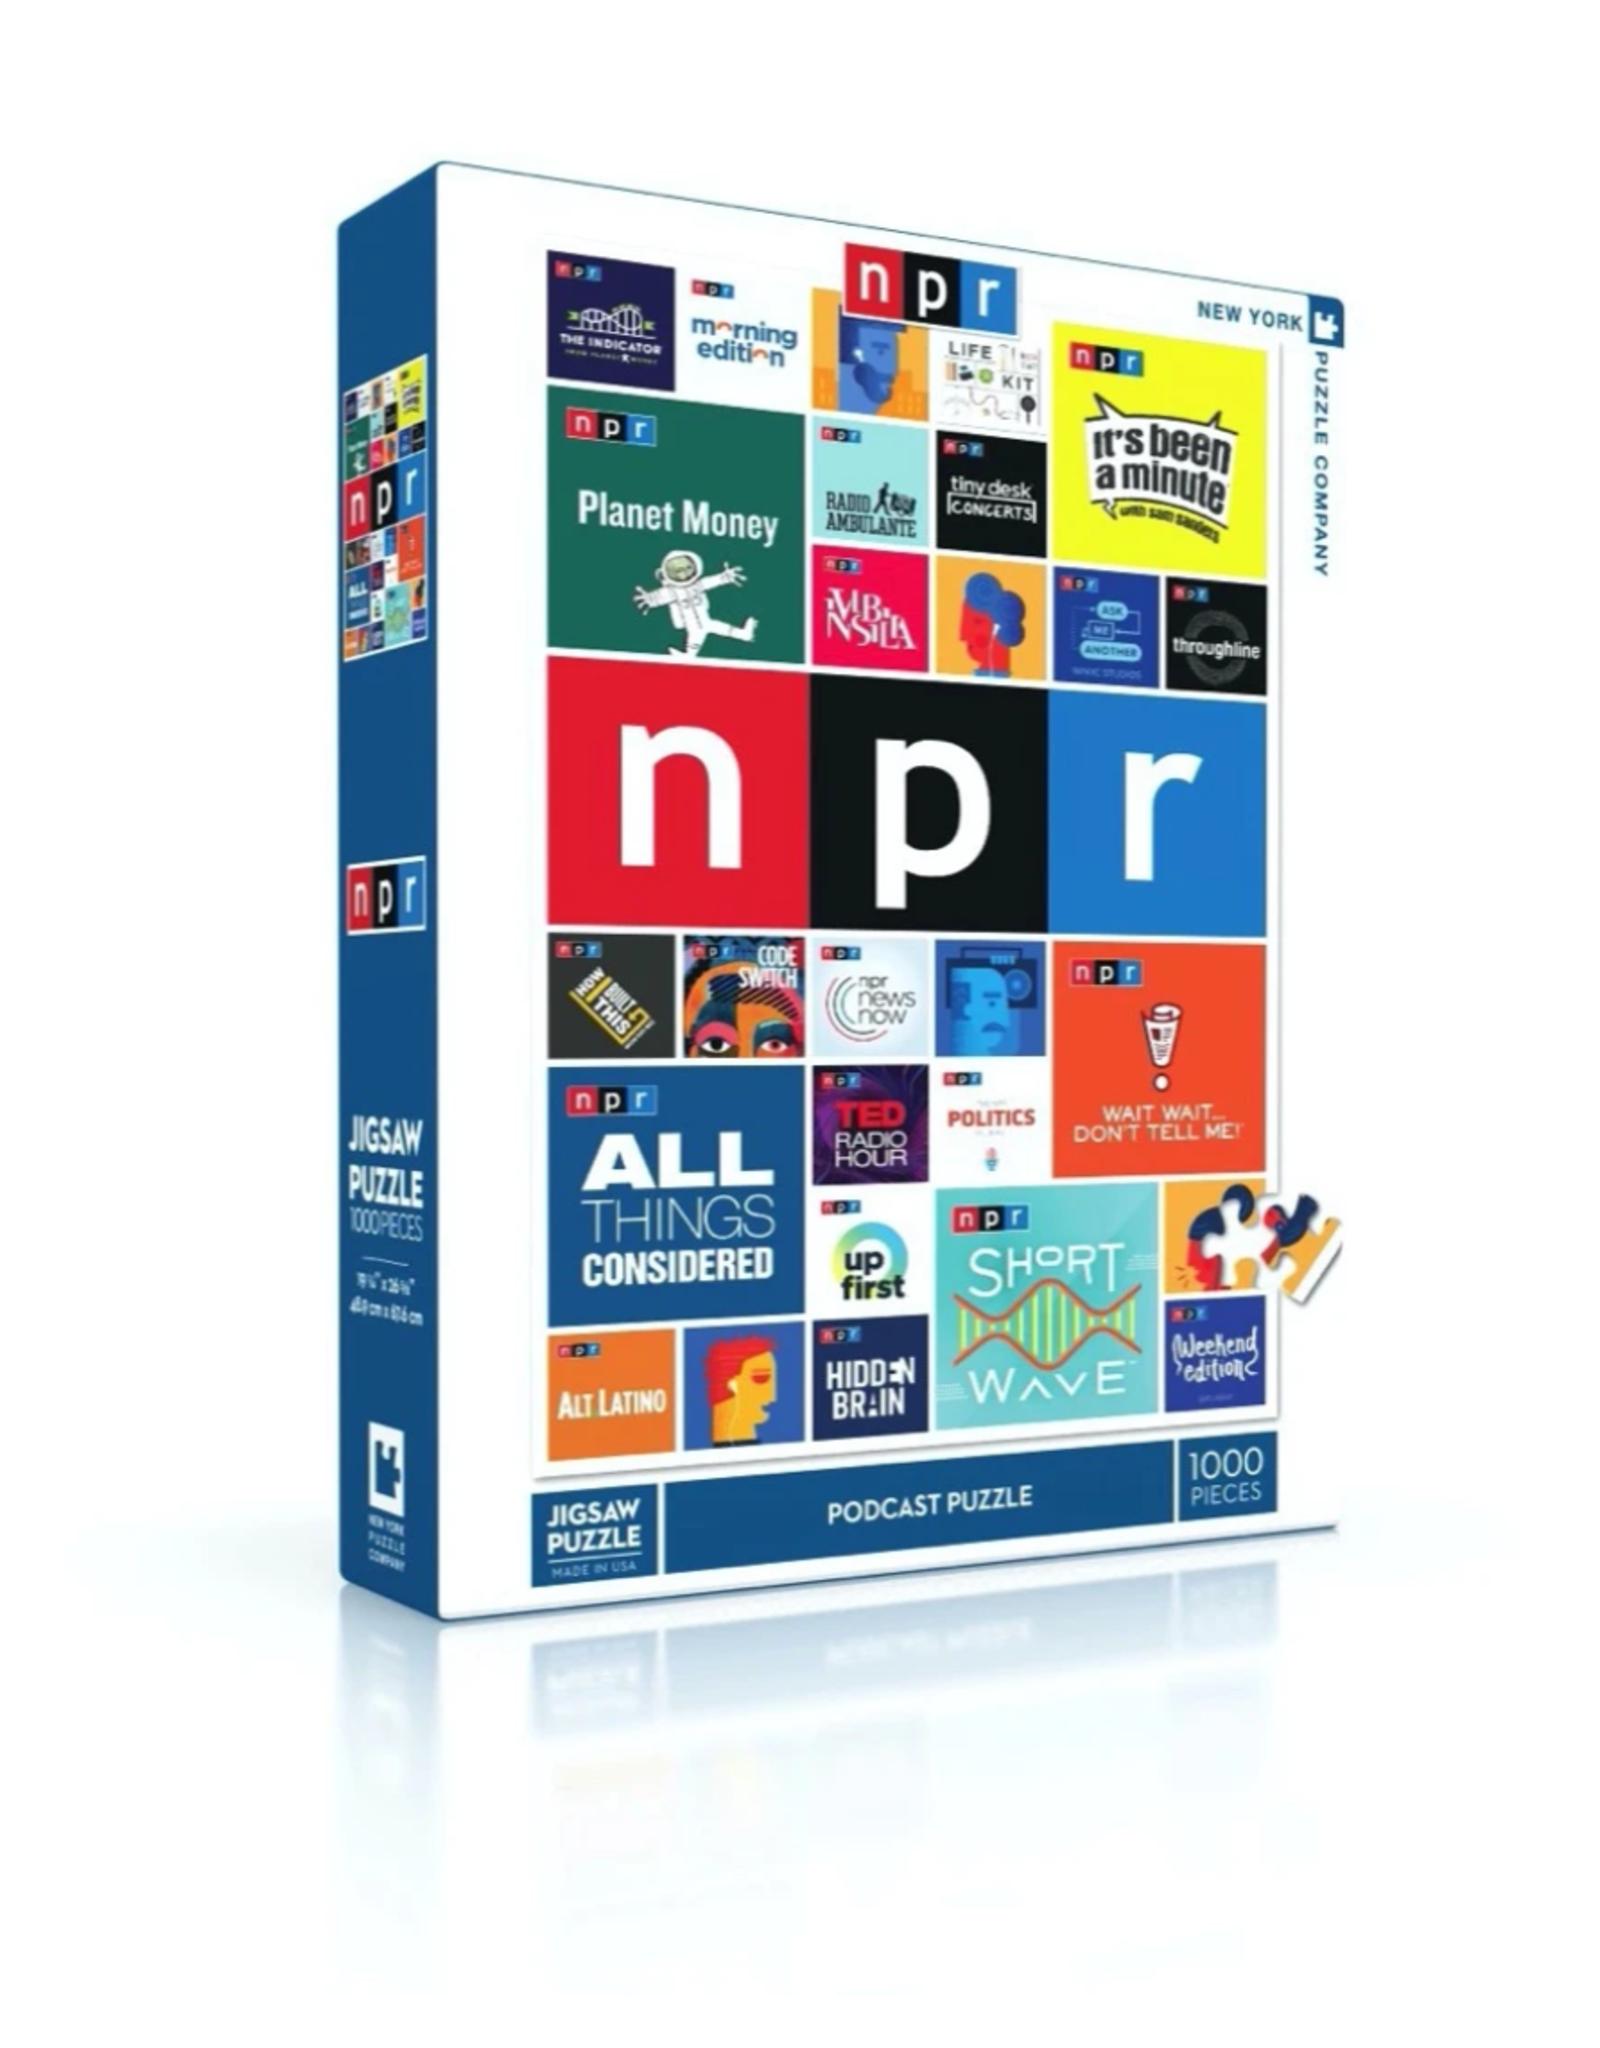 Podcast NPR Puzzle - 1000 Pieces